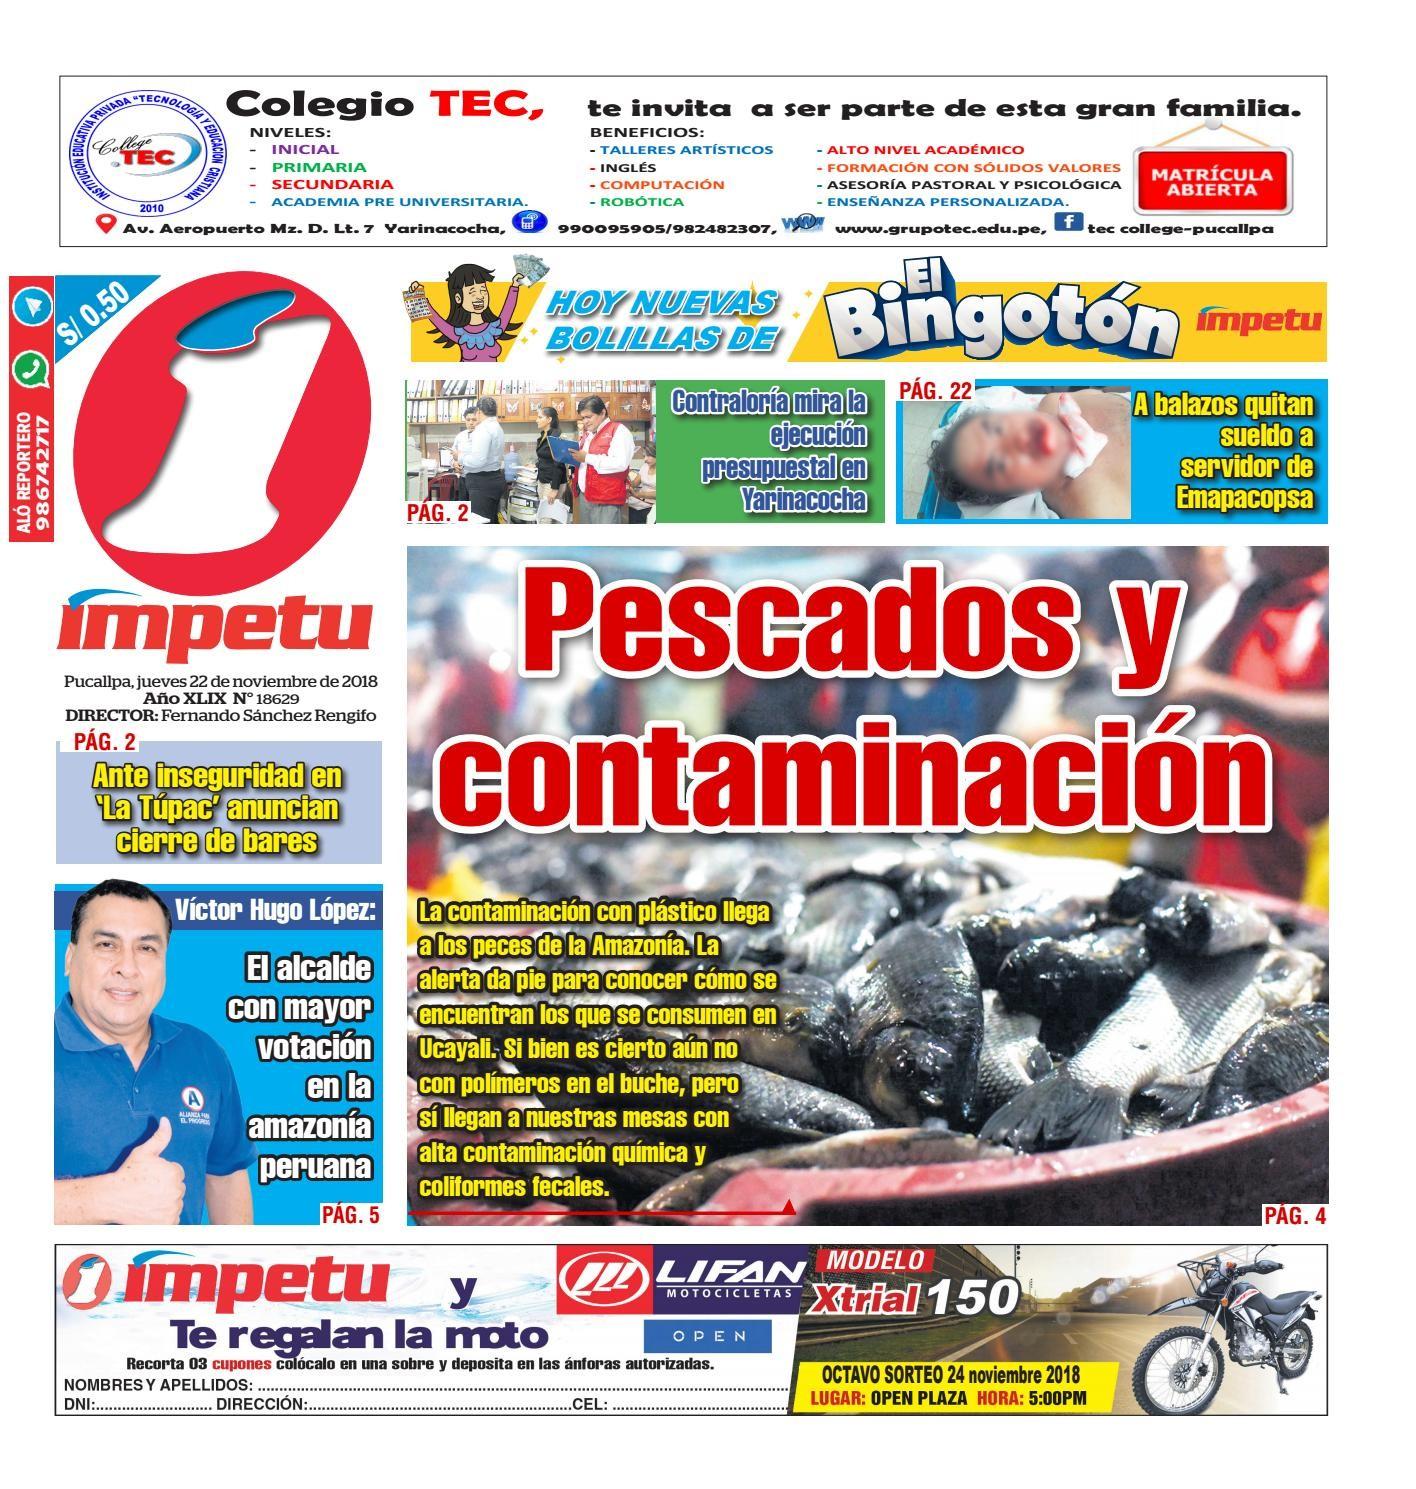 Calendario 2019 Vacaciones Semana Santa Más Reciente Impetu 22 De Noviembre Del 2018 by Diario mpetu issuu